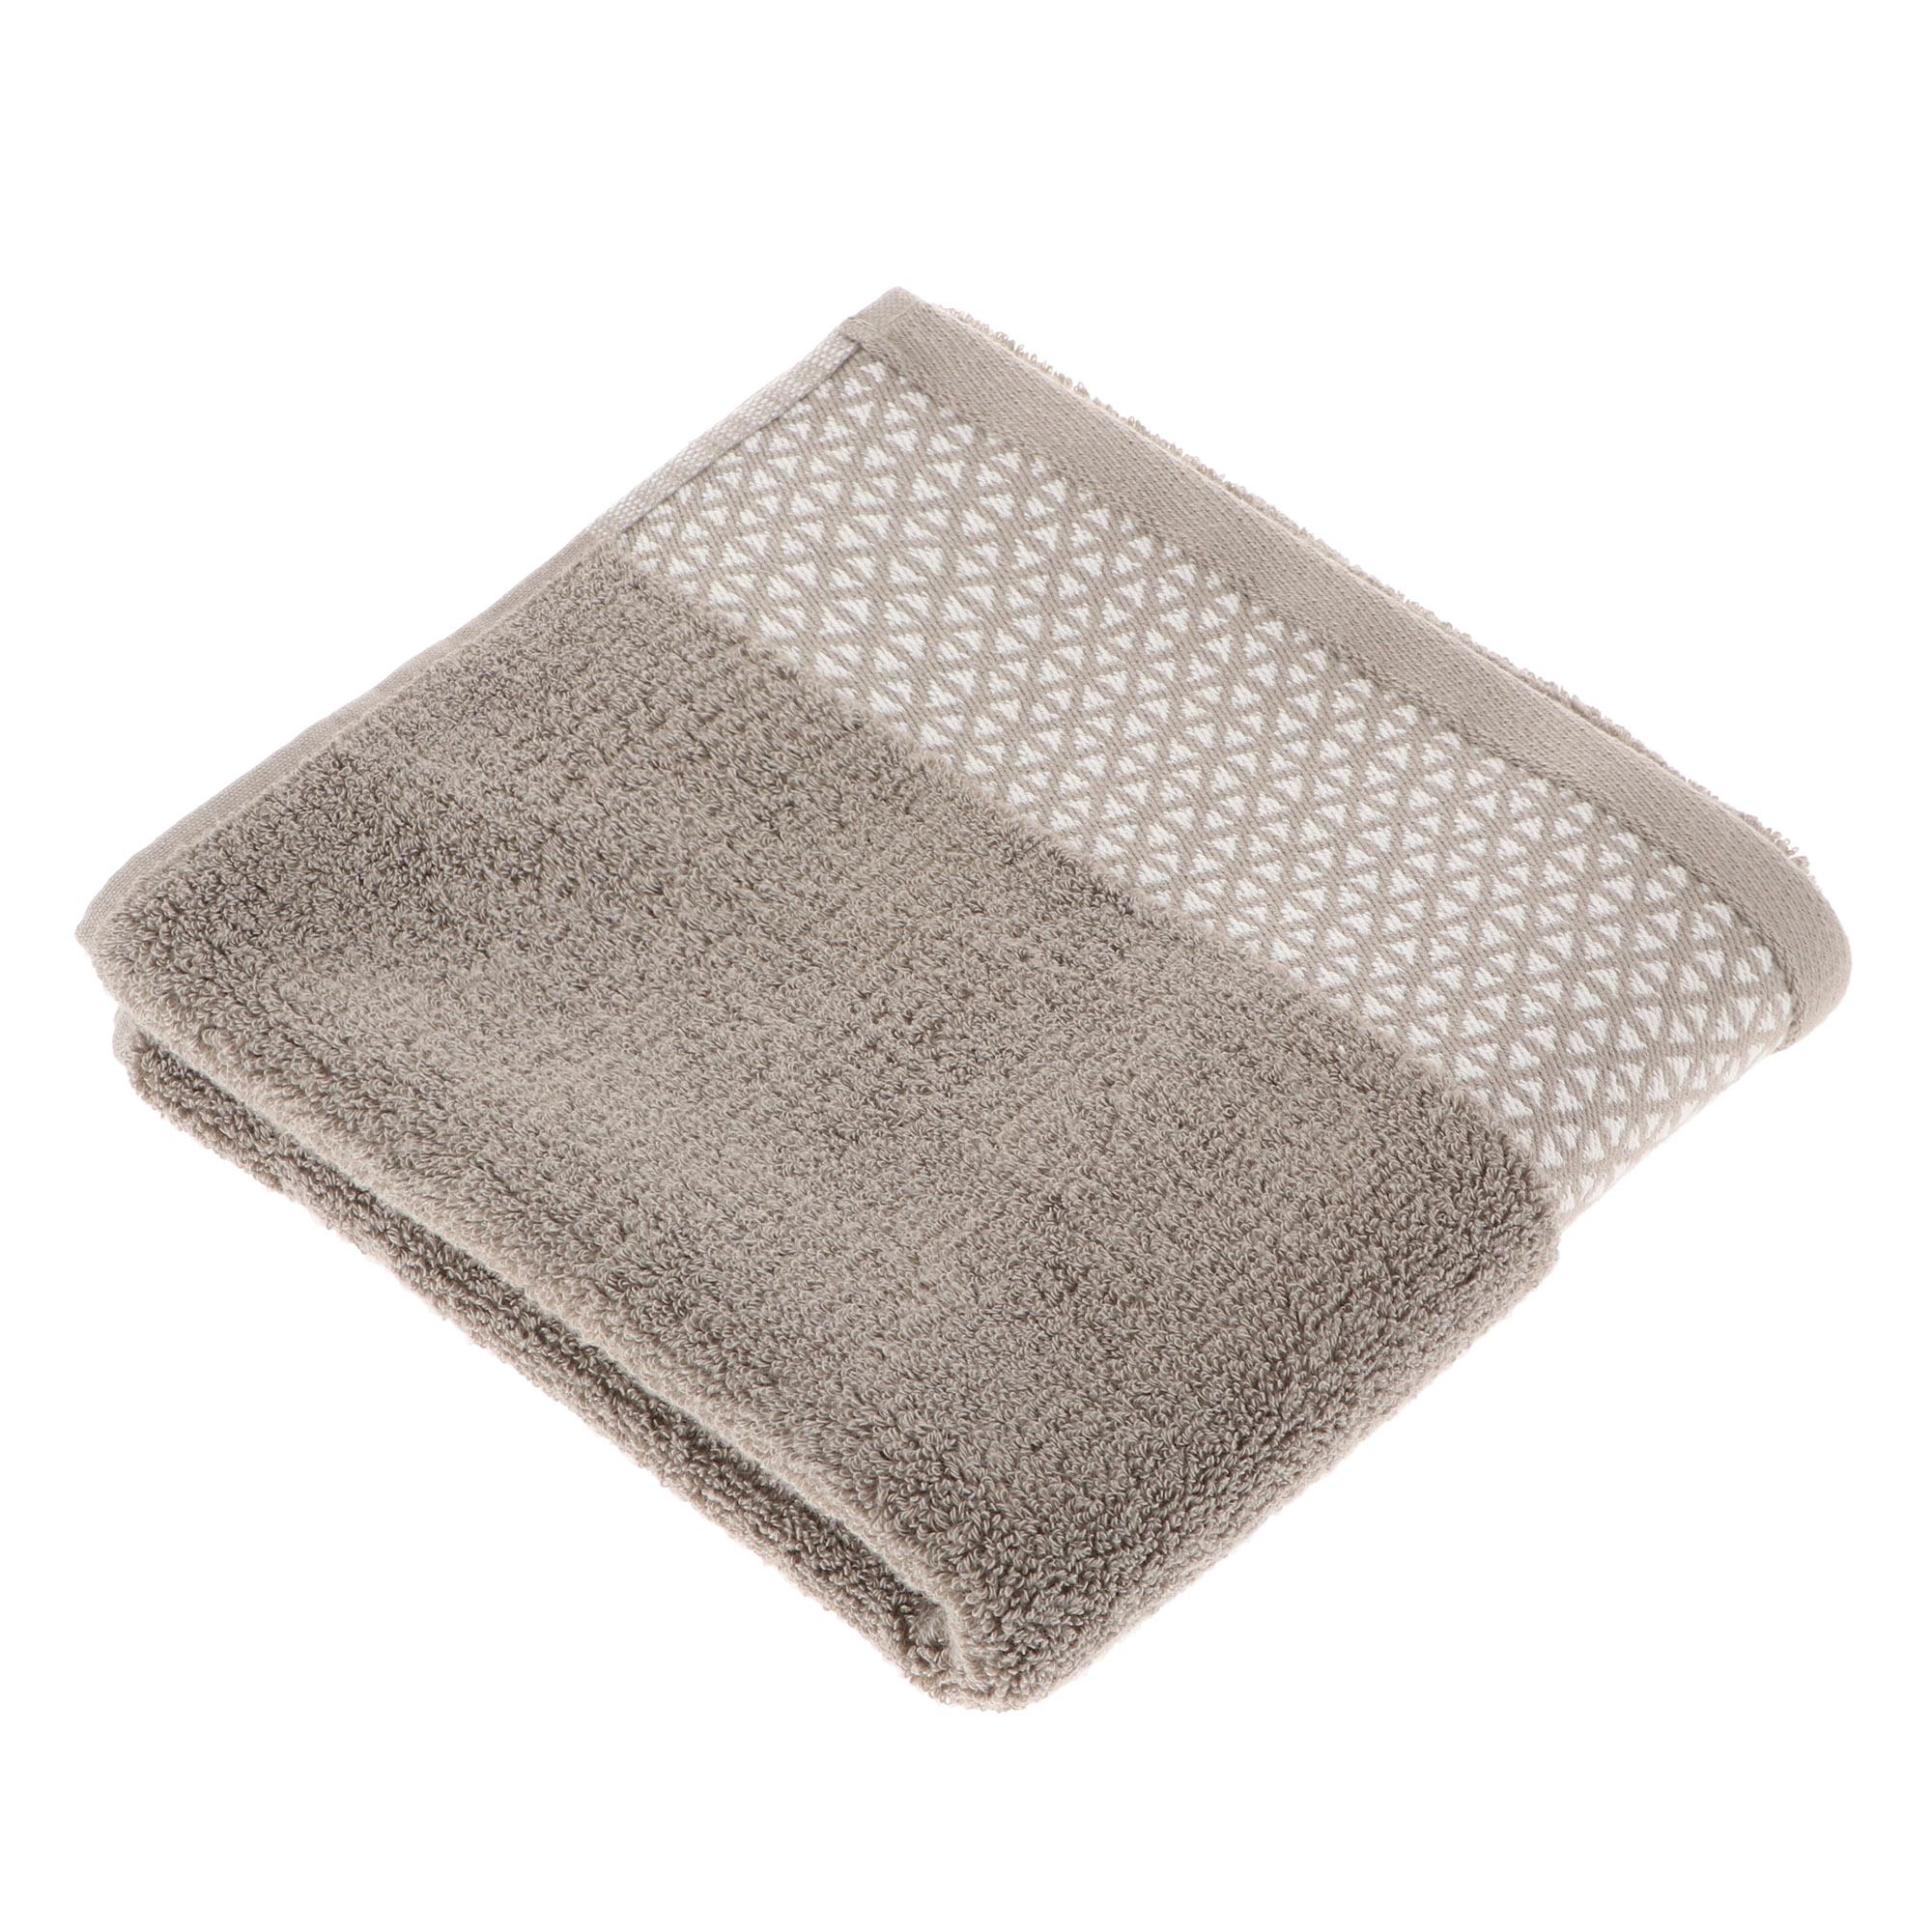 Полотенце махровое Cleanelly/вафельное сенсо 90х150 пестротканное цвет оливковый фото